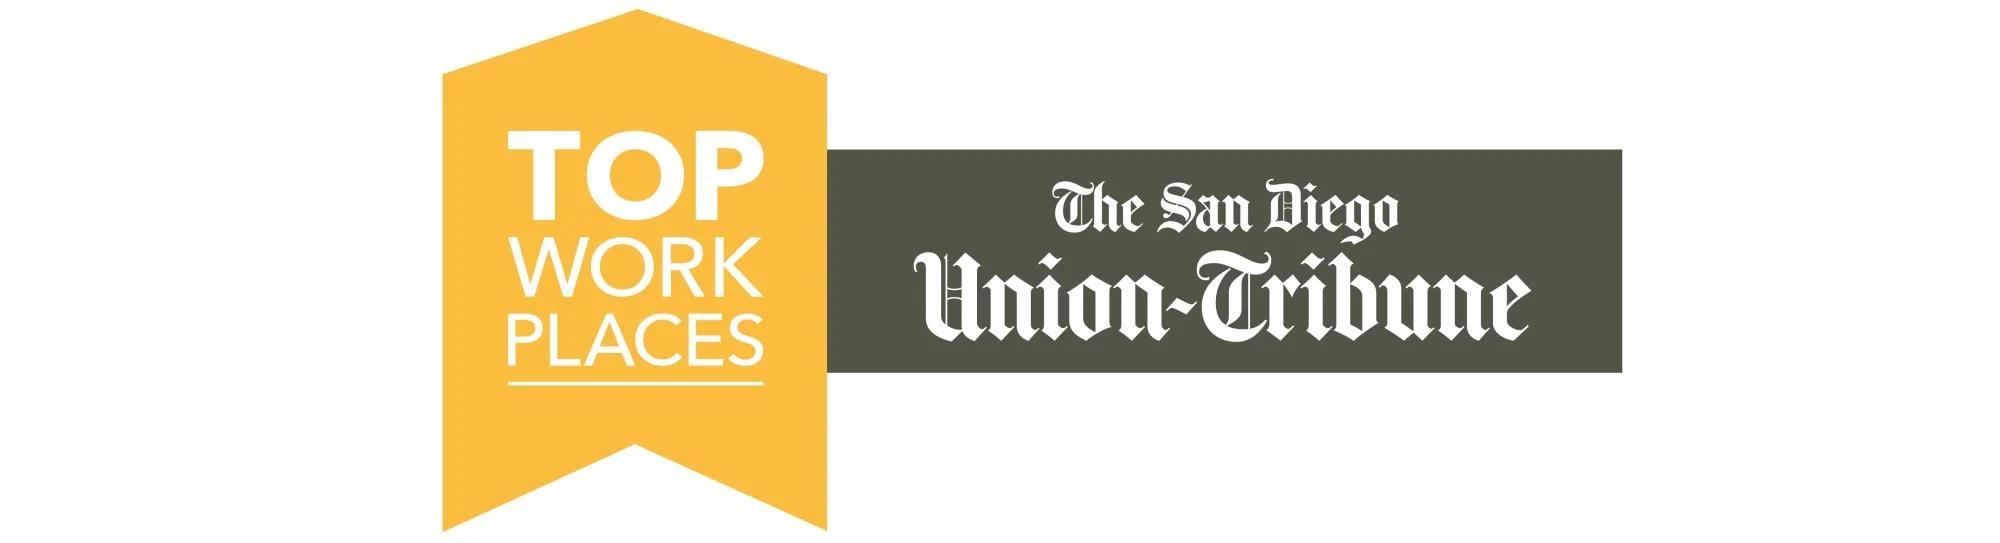 San Diego Union Tribune Top Workplaces